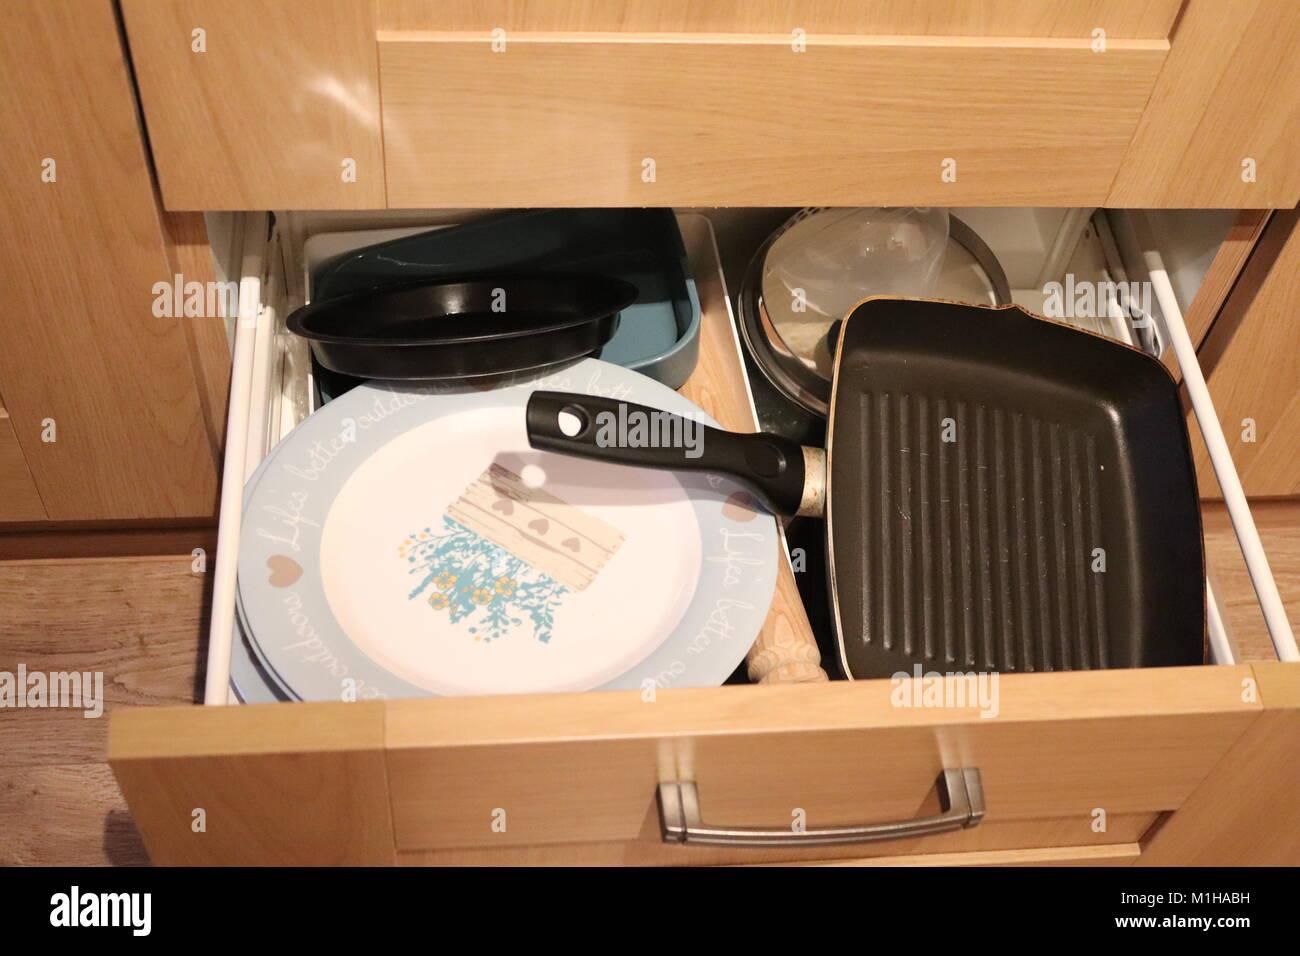 Kitchen Drawer Open Stockfotos & Kitchen Drawer Open Bilder - Alamy